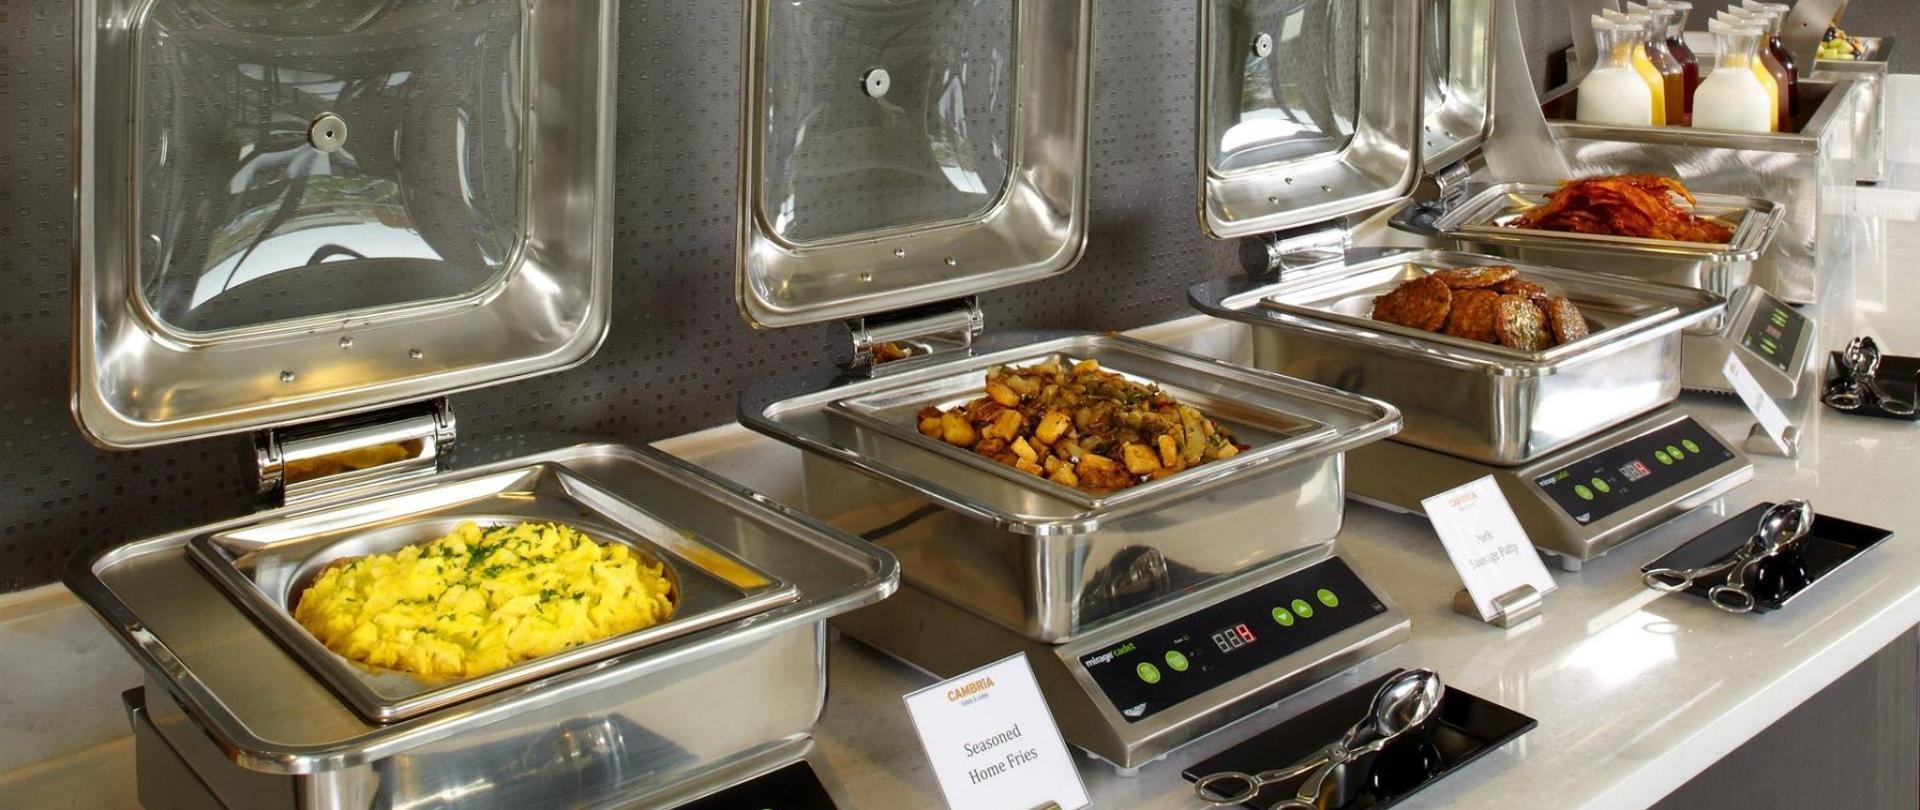 cam-dc-buffet-food-20141.jpg